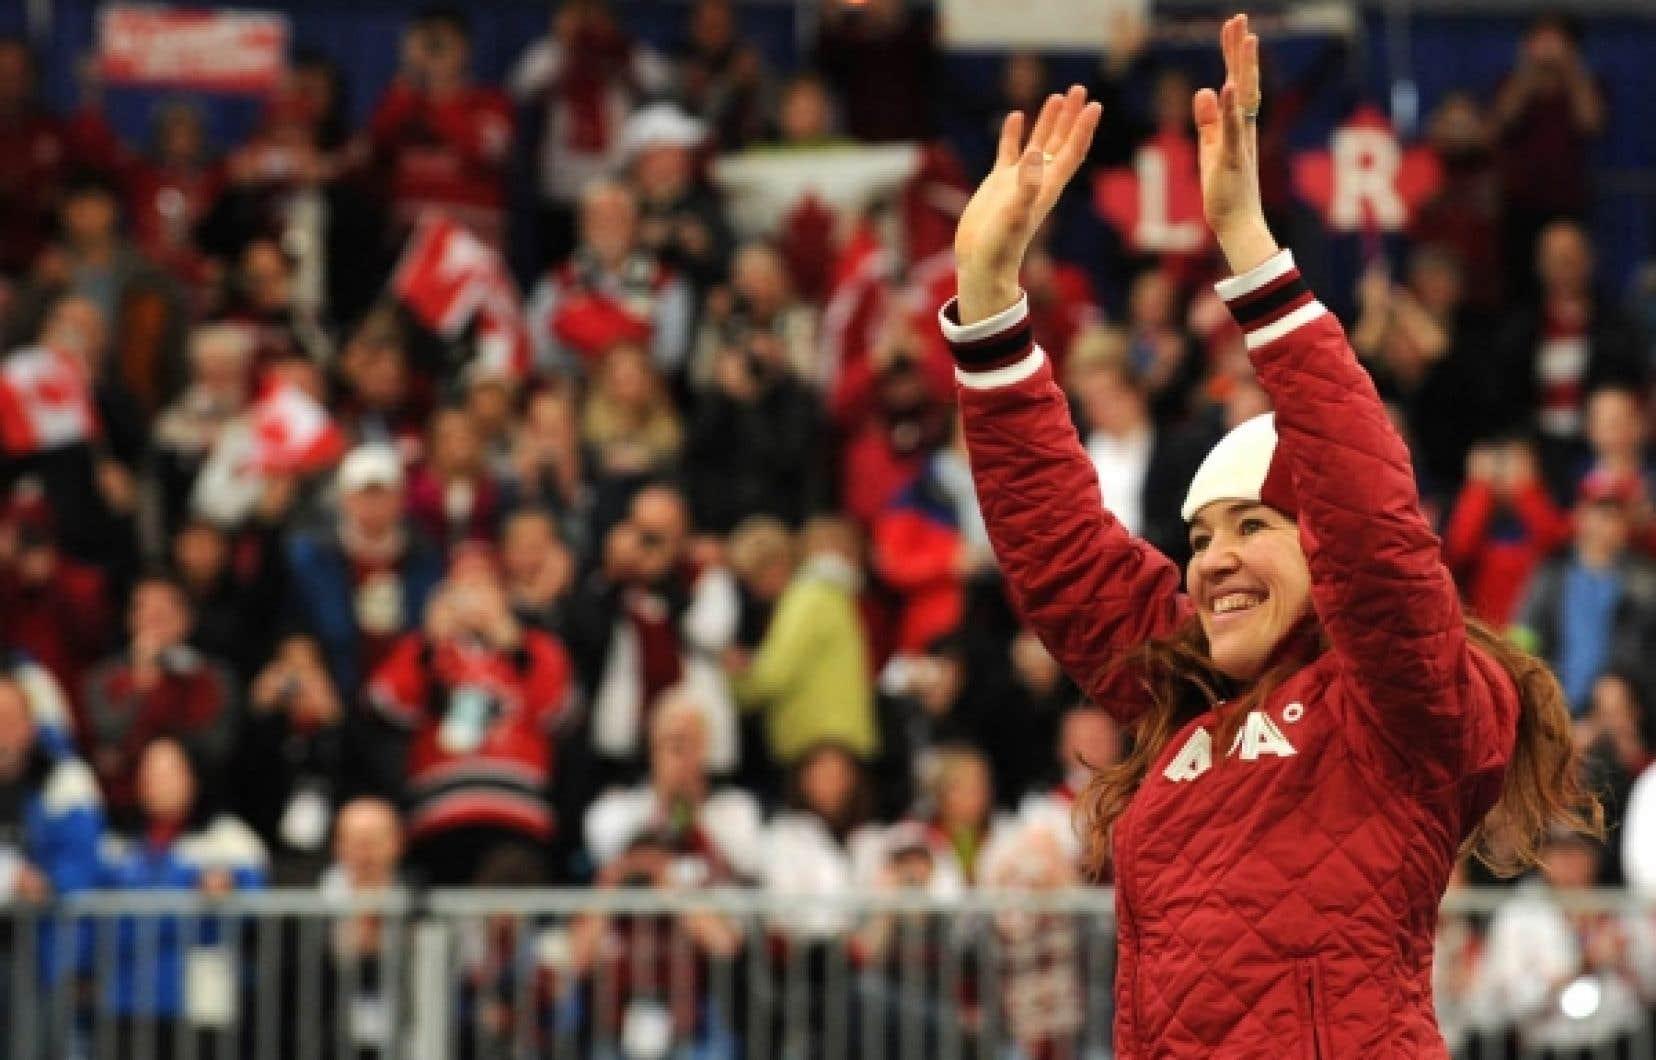 Clara Hughes salue la foule avant de monter sur le podium. L'athlète de 37 ans a participé à deux Jeux d'été (à titre de cycliste) et trois Jeux d'hiver.